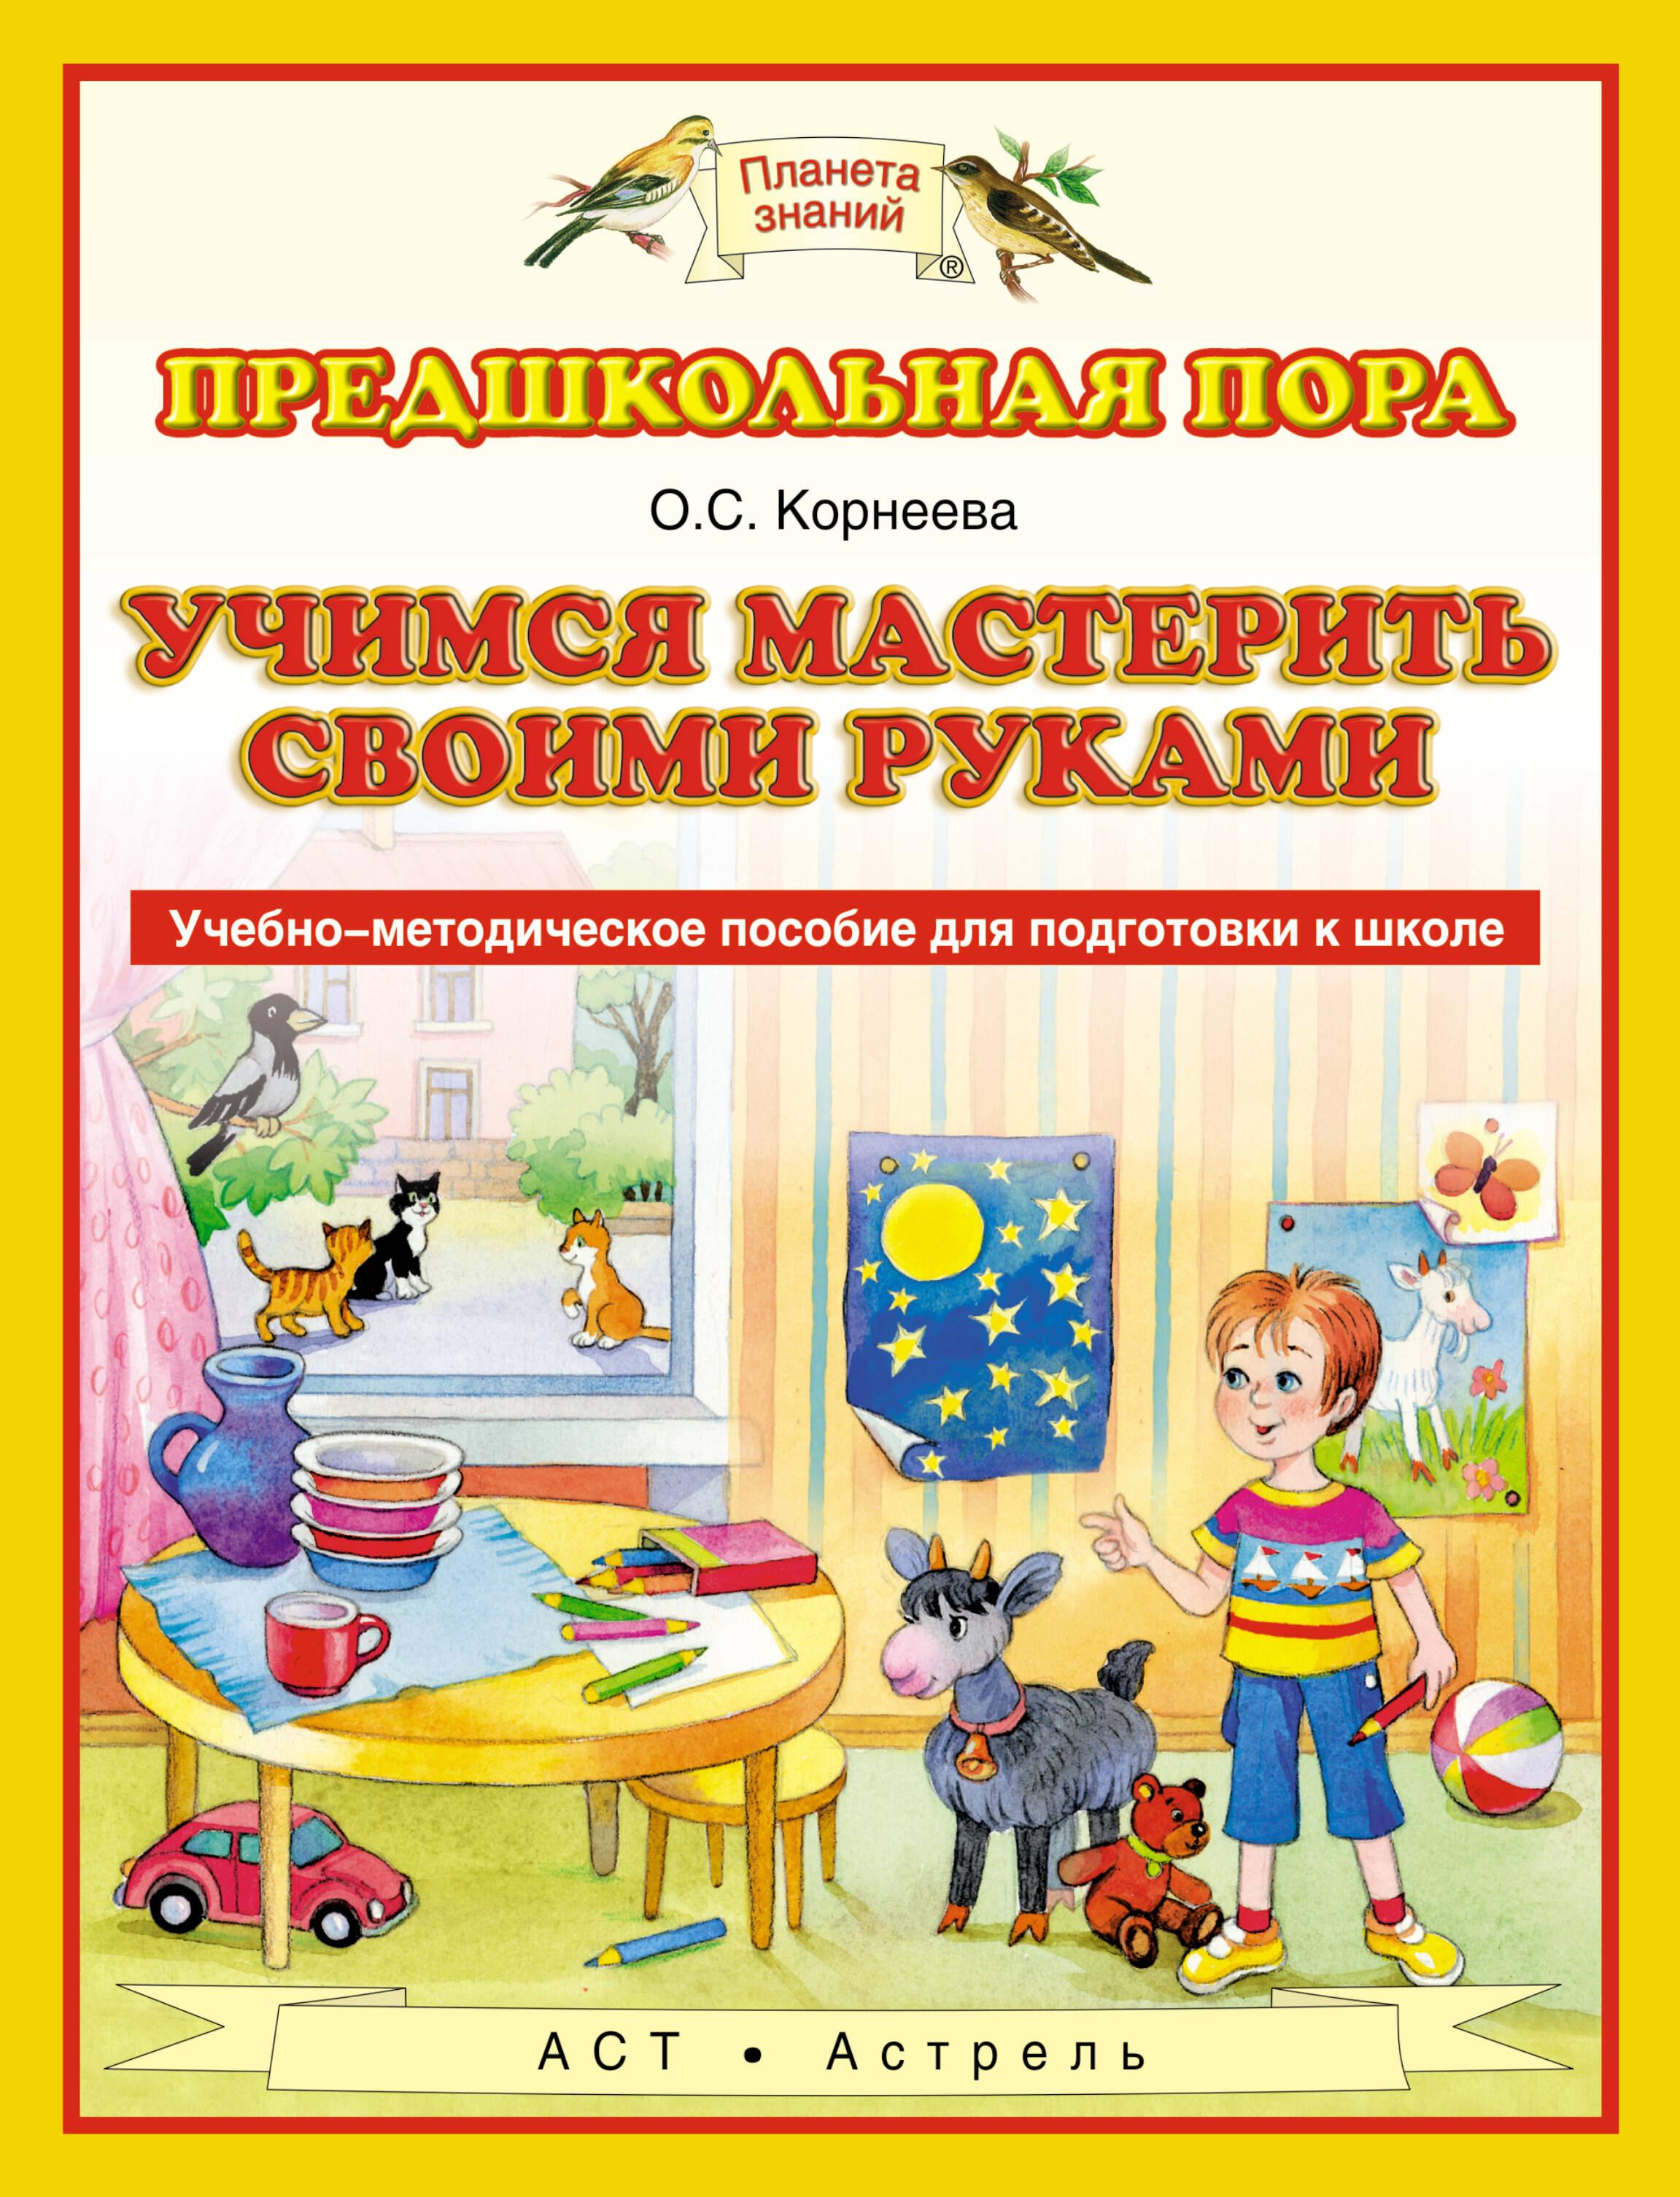 Учимся мастерить своими руками. 5–7 лет. Учебно-методическое пособие для подготовки к школе